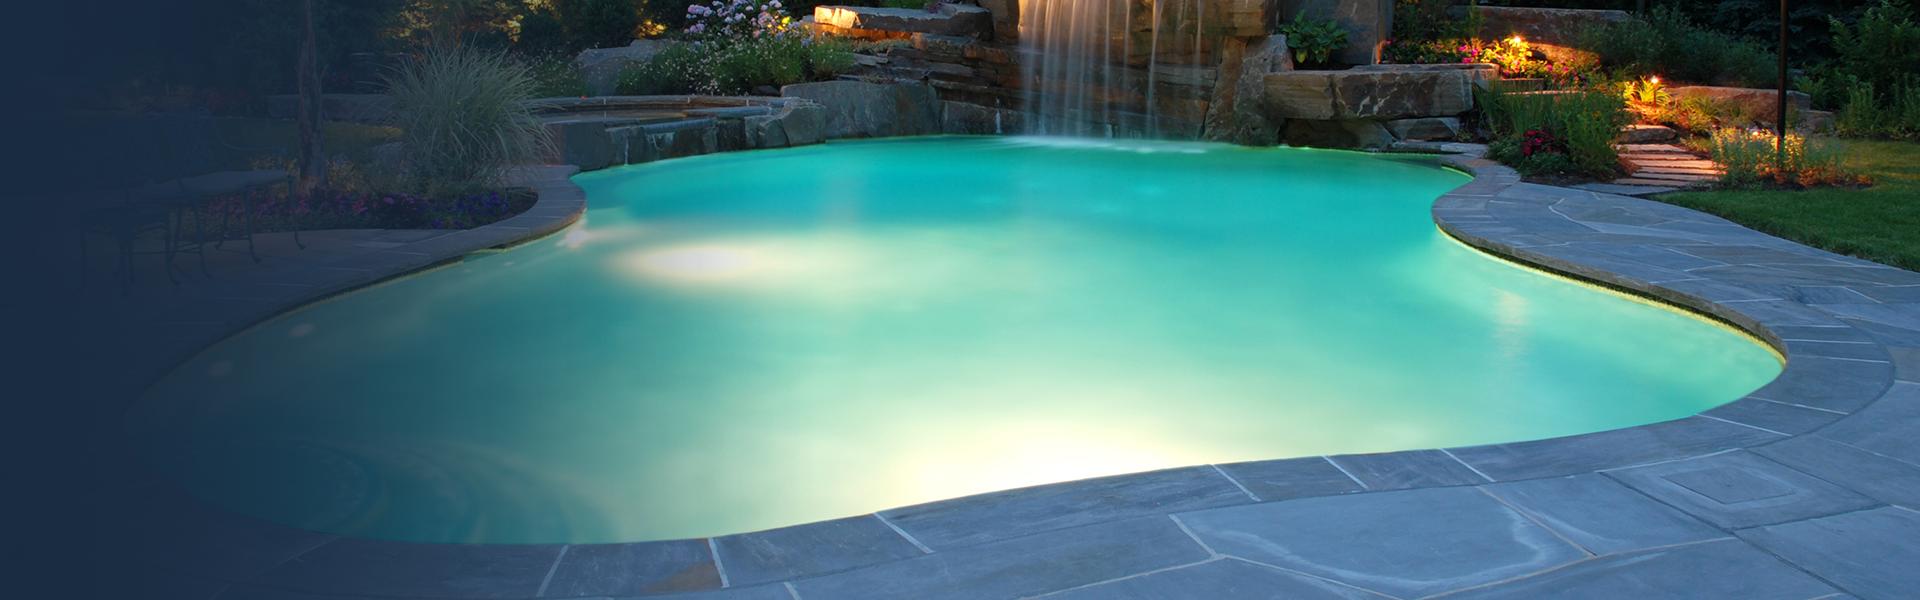 حمامات سباحة تصميم حمامات السباحة اسعار حمامات السباحة